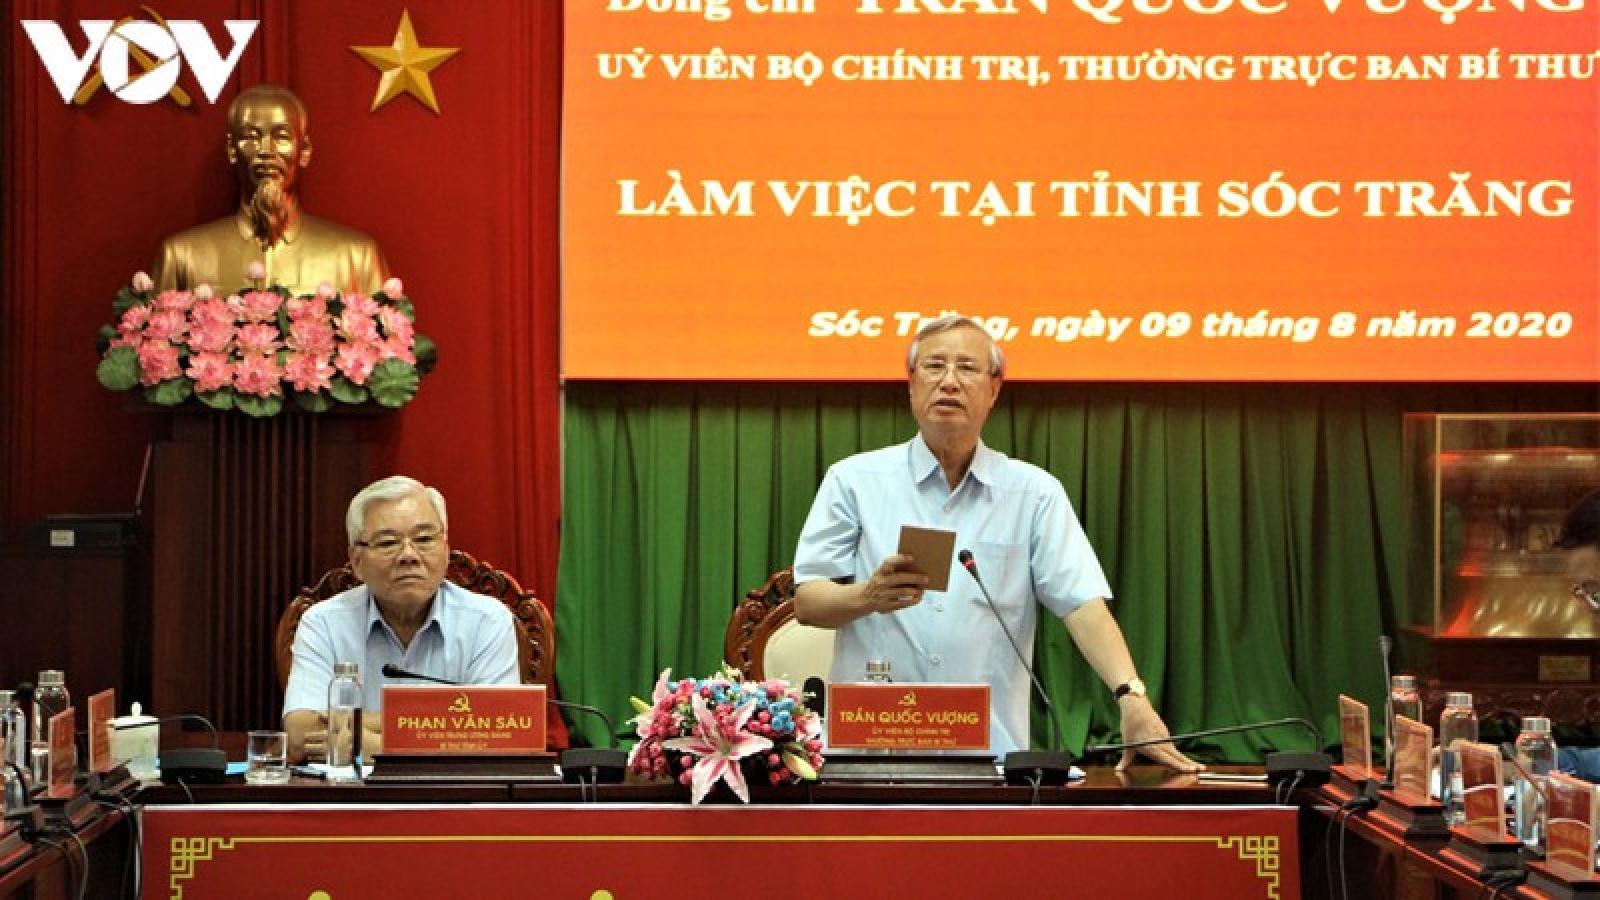 Ông Trần Quốc Vượng: Sóc Trăng cần làm tốt công tác chuẩn bị Đại hội cấp tỉnh